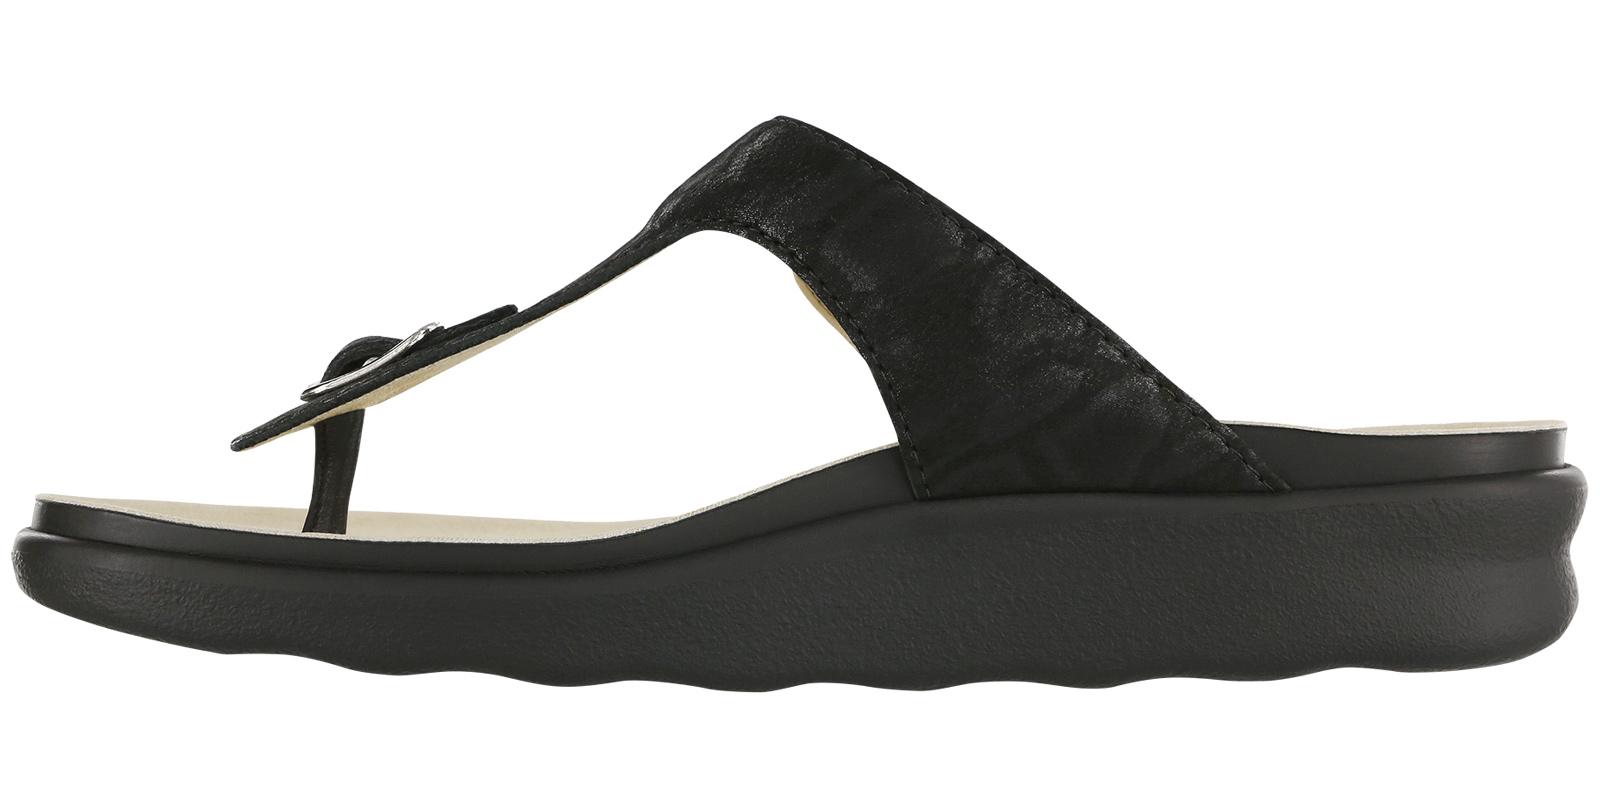 3949399236a Sanibel - Nero Snake — SAS Shoes Buffalo